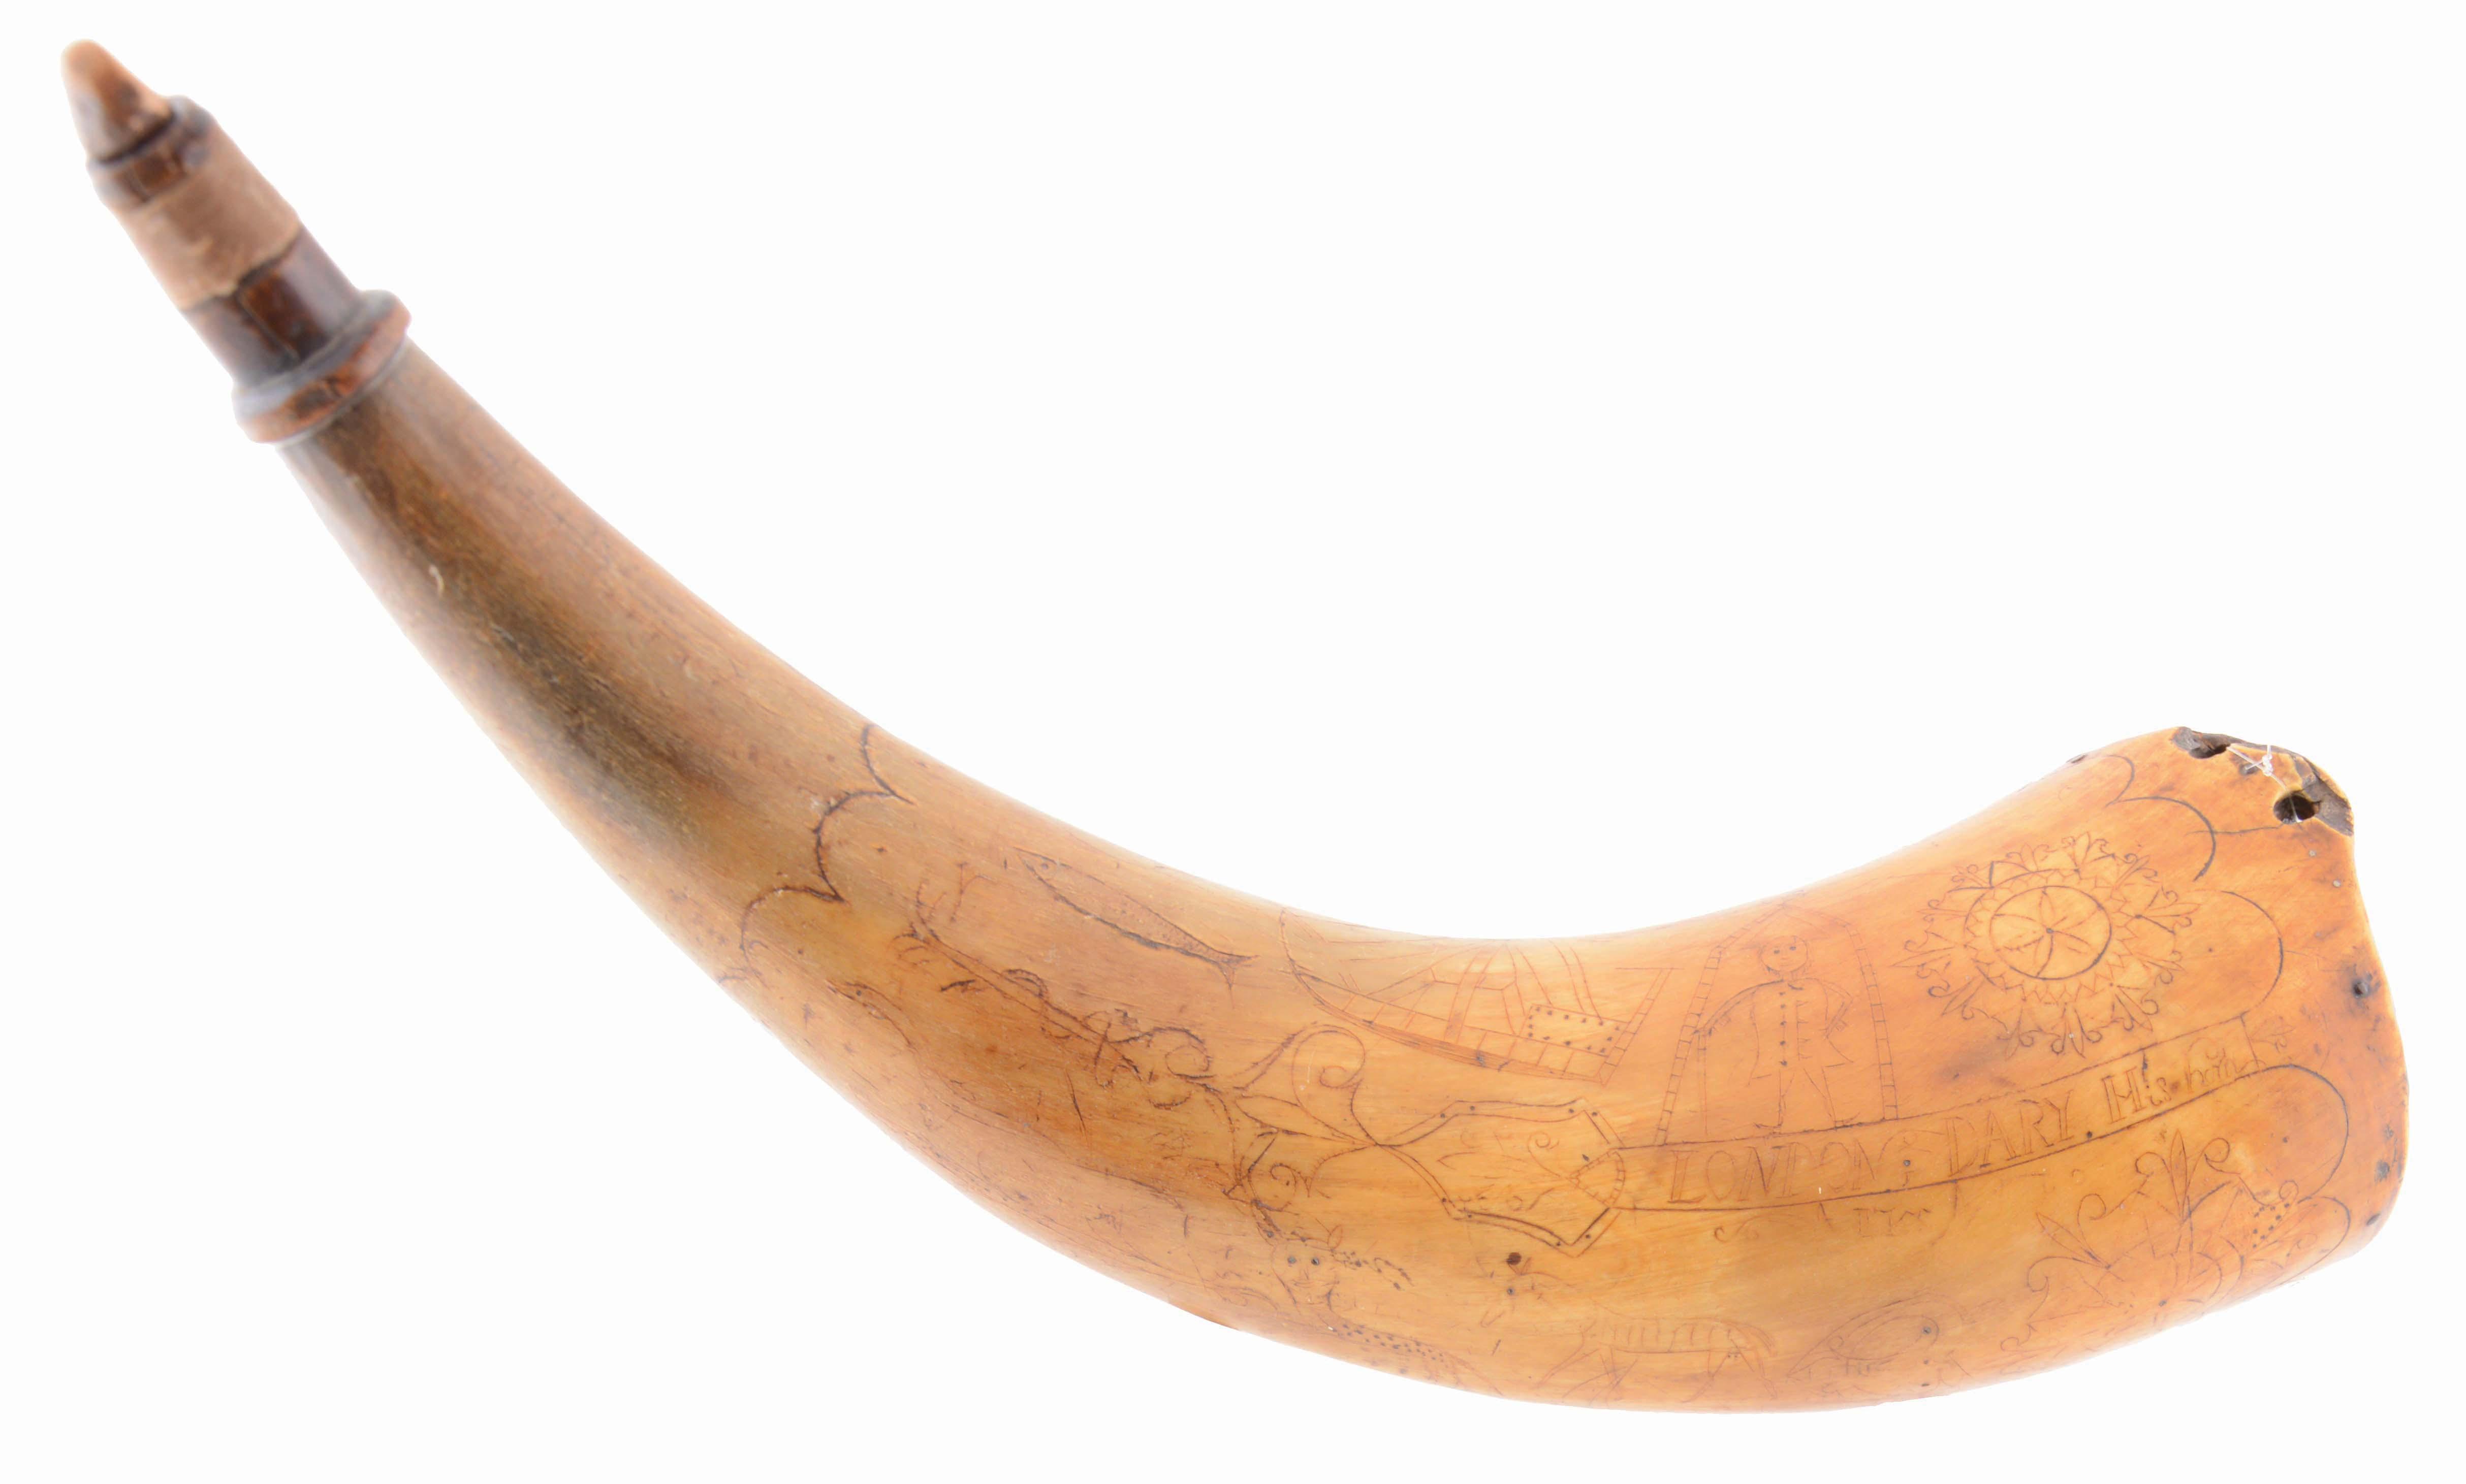 Deer Horn Powder Measures